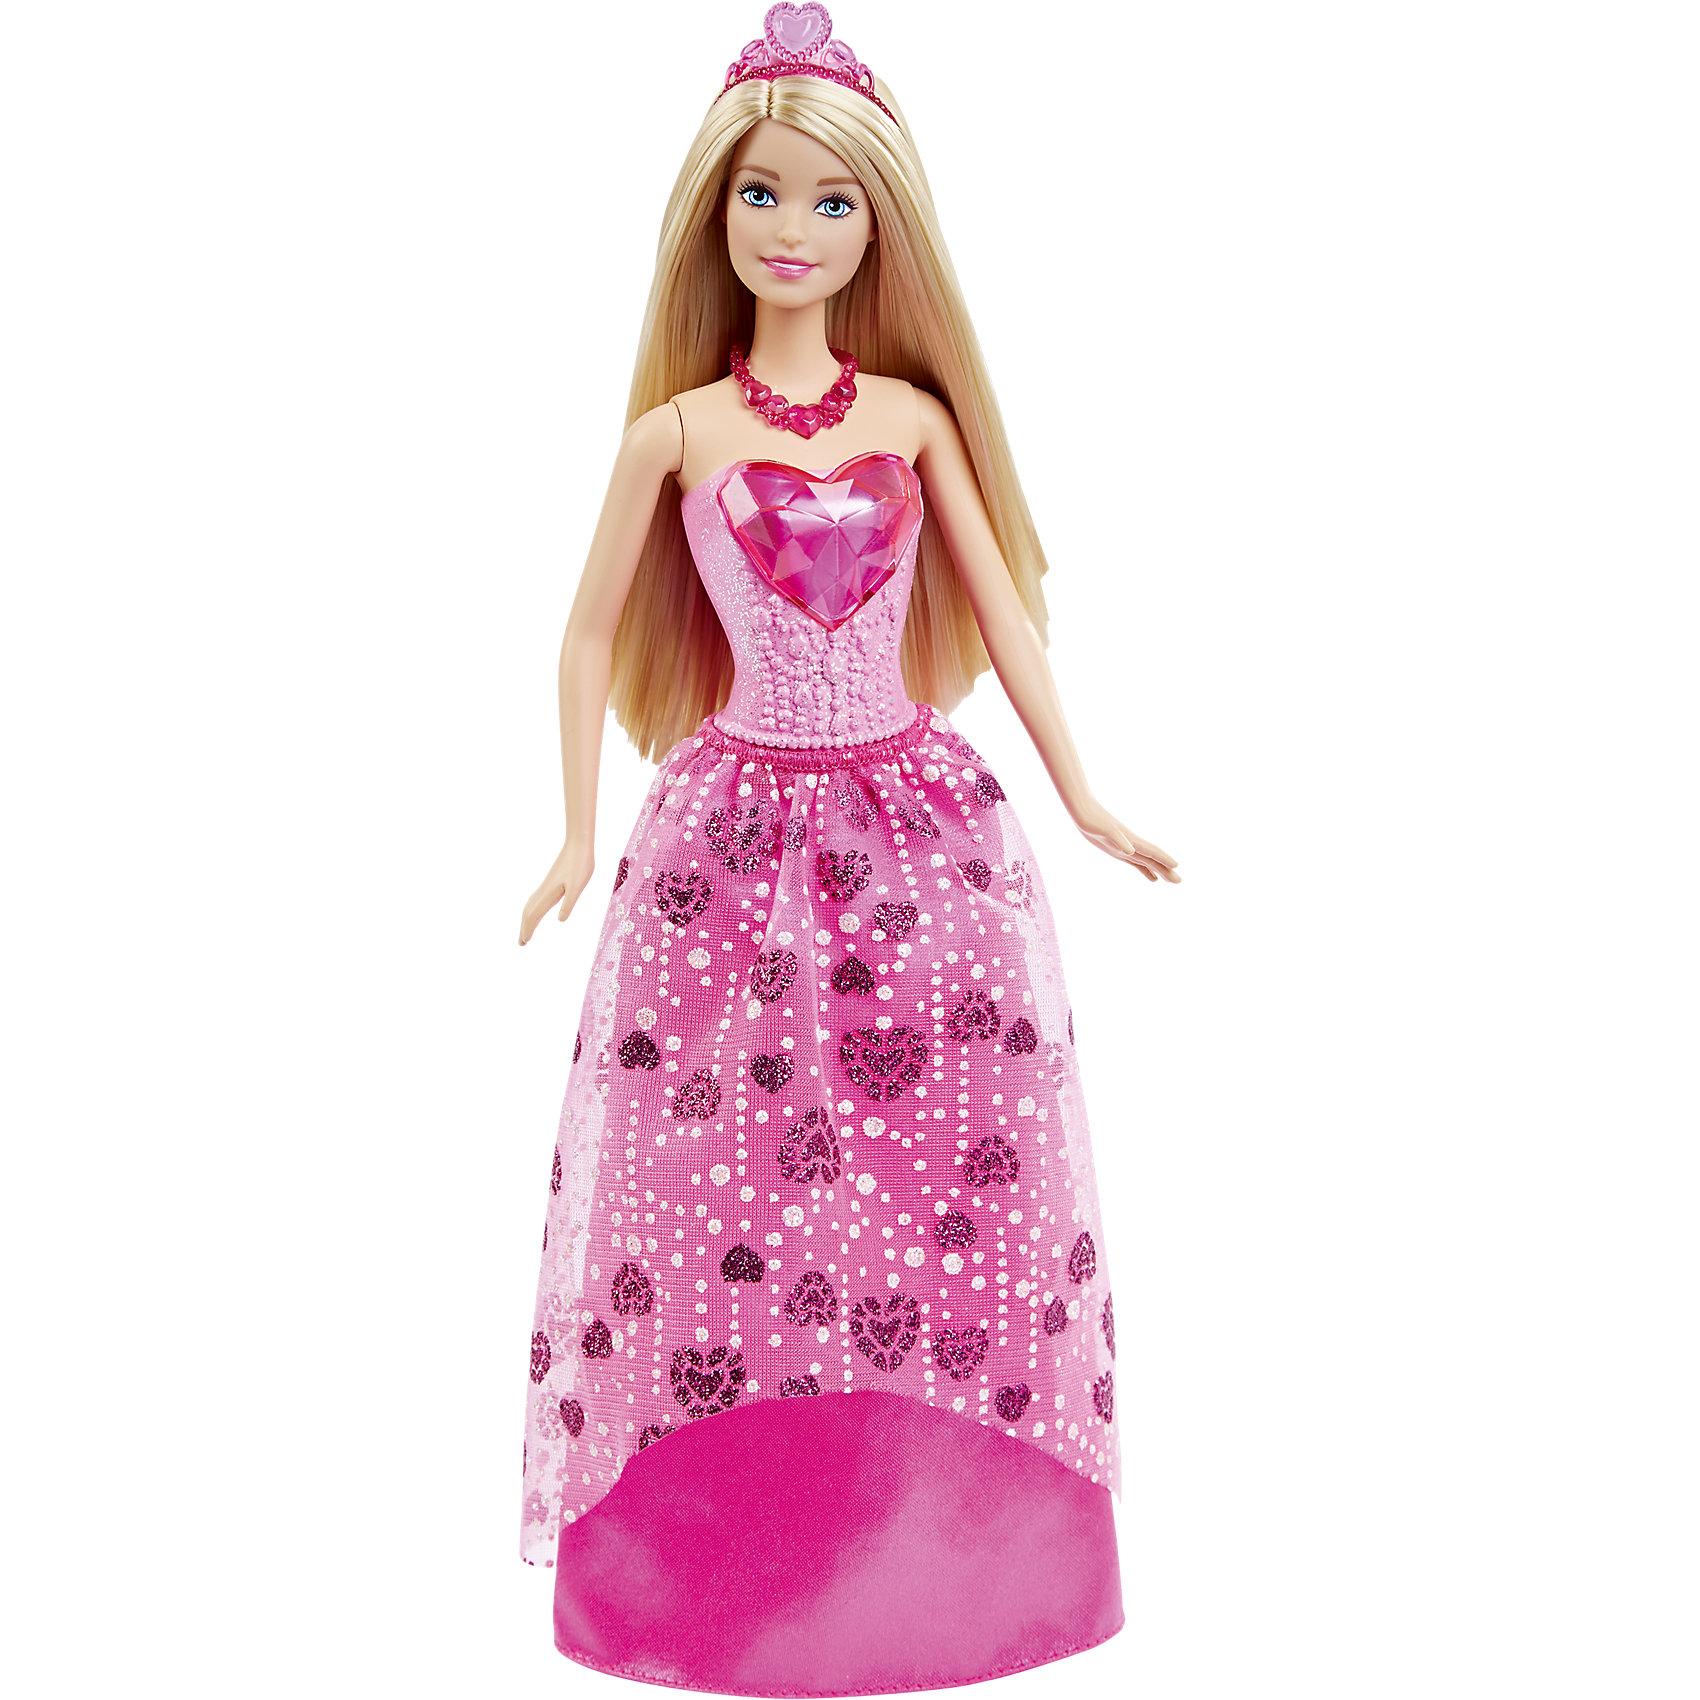 Кукла Принцесса в розовом, BarbieBarbie<br>Новая кукла Barbie Принцесса в розовом очарует девочек всех возрастов. На этот раз красавица Барби представлена в образе принцессы сказочного королевства самоцветов. У нее длинные светлые волосы, которые можно укладывать в разнообразные прически. Чудесный наряд состоит из пластикового розового топа с большим блестящим сердечком и яркой розовой юбочки с прозрачной кокеткой, декорированной сердечками. Волшебный образ дополняют красные туфельки на каблуках и красивая диадема. Тело куколки на шарнирах, ноги и руки сгибаются и разгибаются, благодаря чему она может принимать различные положения. Одежда и аксессуары подходят всем куклам-принцессам, русалкам и феям Barbie (продаются отдельно). <br><br>Дополнительная информация:<br><br>- Материал: пластик, текстиль.<br>- Высота куклы: 29 см.<br>- Размер упаковки: 32 x 13 x 6 см.<br>- Вес: 0,175 кг.<br><br>Куклу Принцесса в розовом, Barbie, Mattel, можно купить в нашем интернет-магазине.<br><br>Ширина мм: 327<br>Глубина мм: 129<br>Высота мм: 50<br>Вес г: 185<br>Возраст от месяцев: 36<br>Возраст до месяцев: 72<br>Пол: Женский<br>Возраст: Детский<br>SKU: 4349933